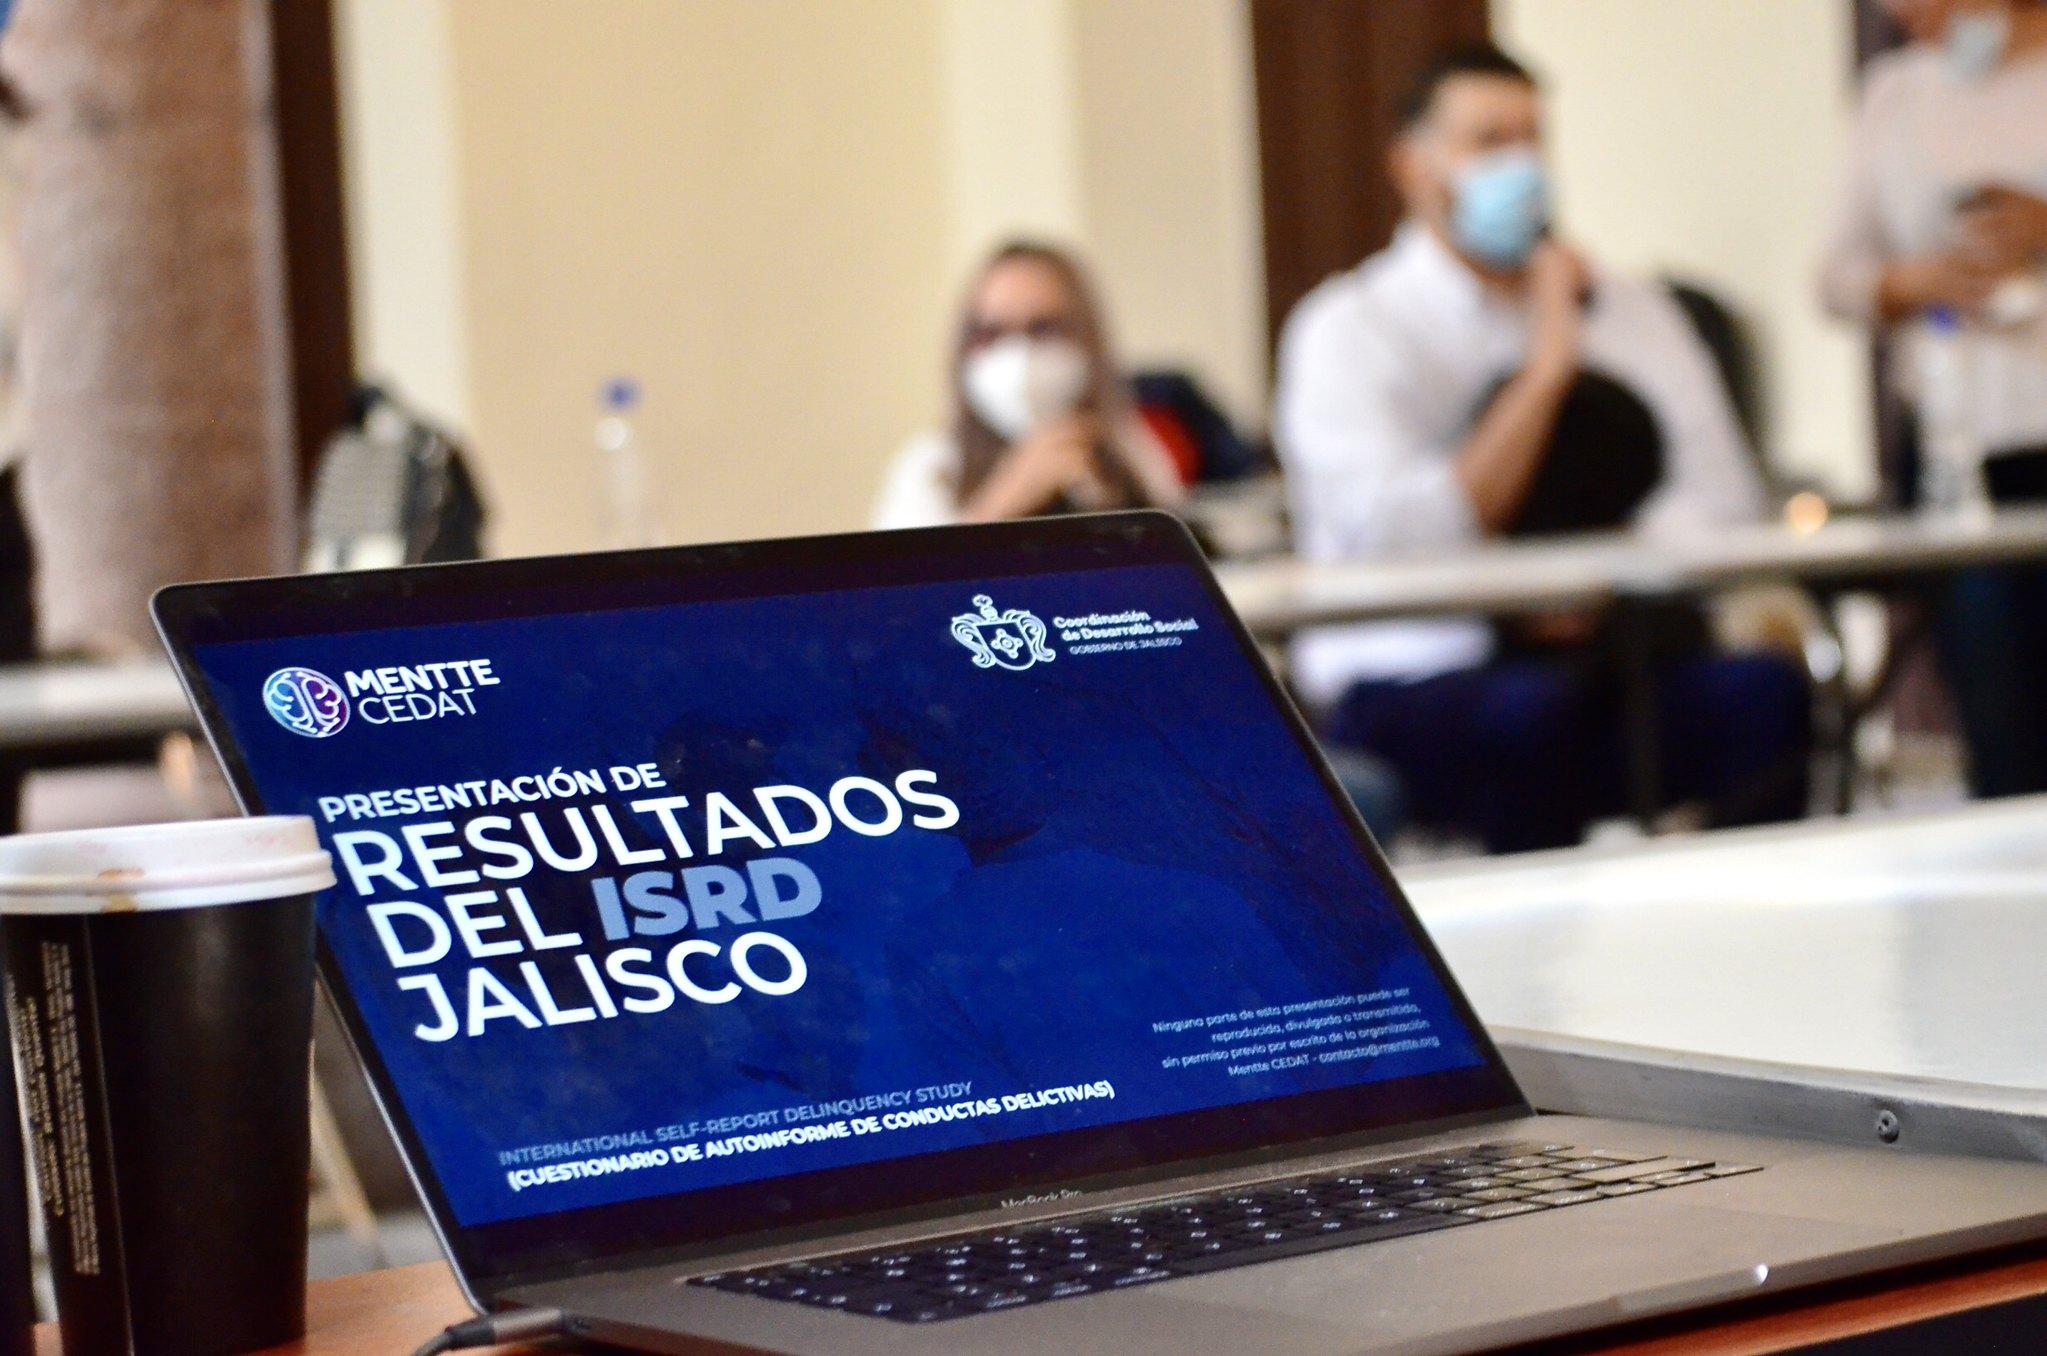 Resultados del ISRD Jalisco: Cuestionario de Autoinforme de Conductas Delictivas aplicado a jóvenes del Área Metropolitana de Guadalajara